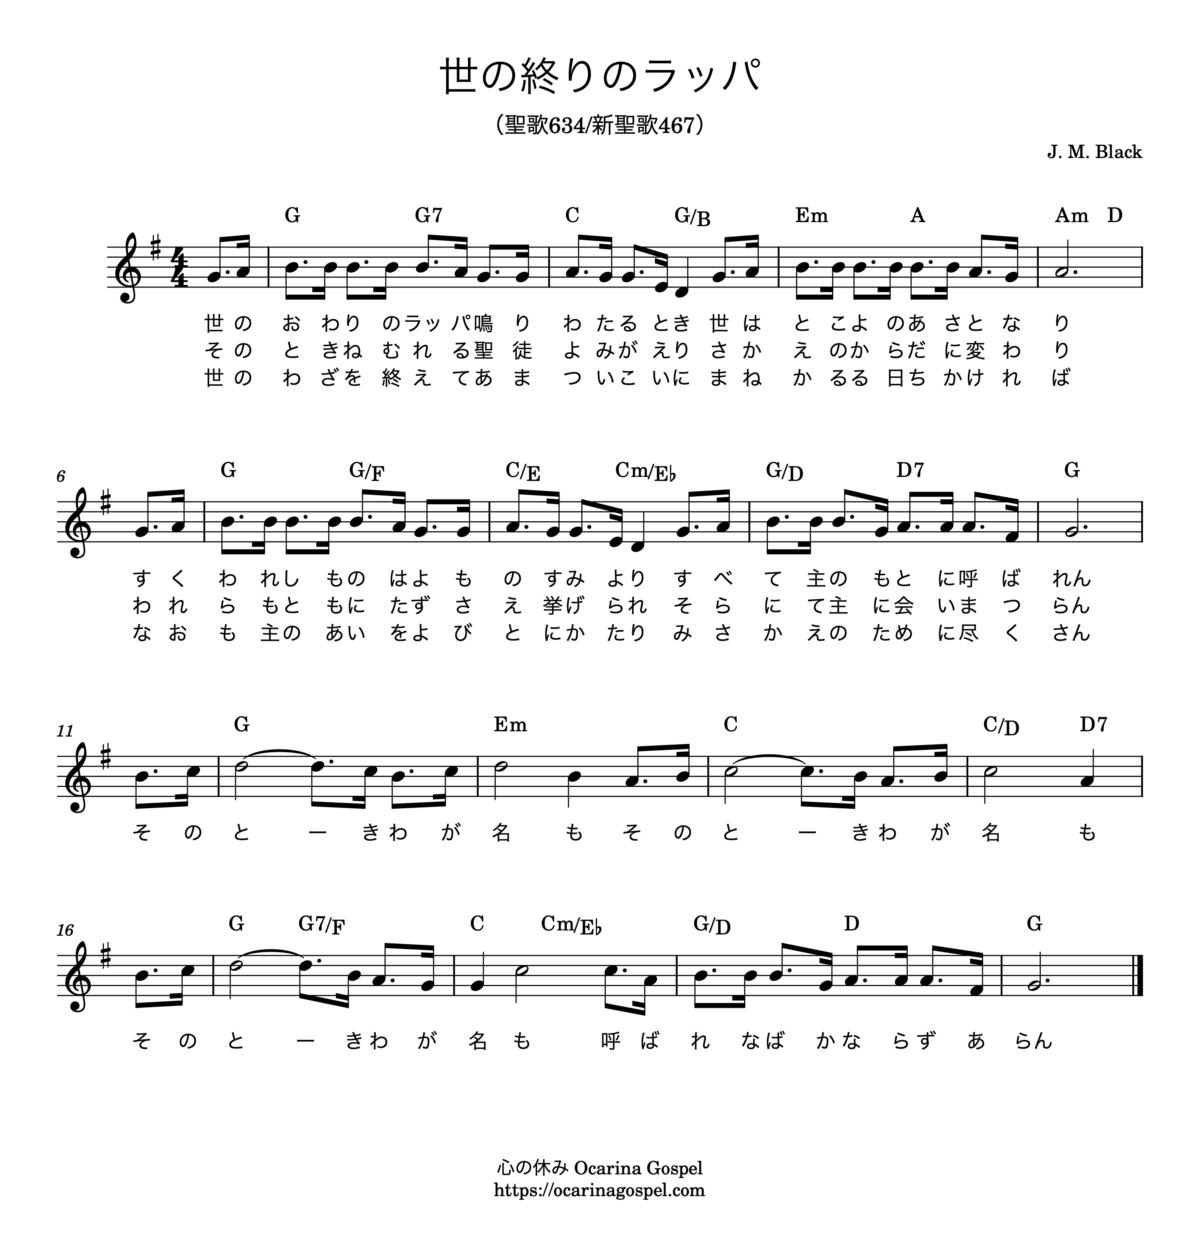 世の終りのラッパ 聖歌